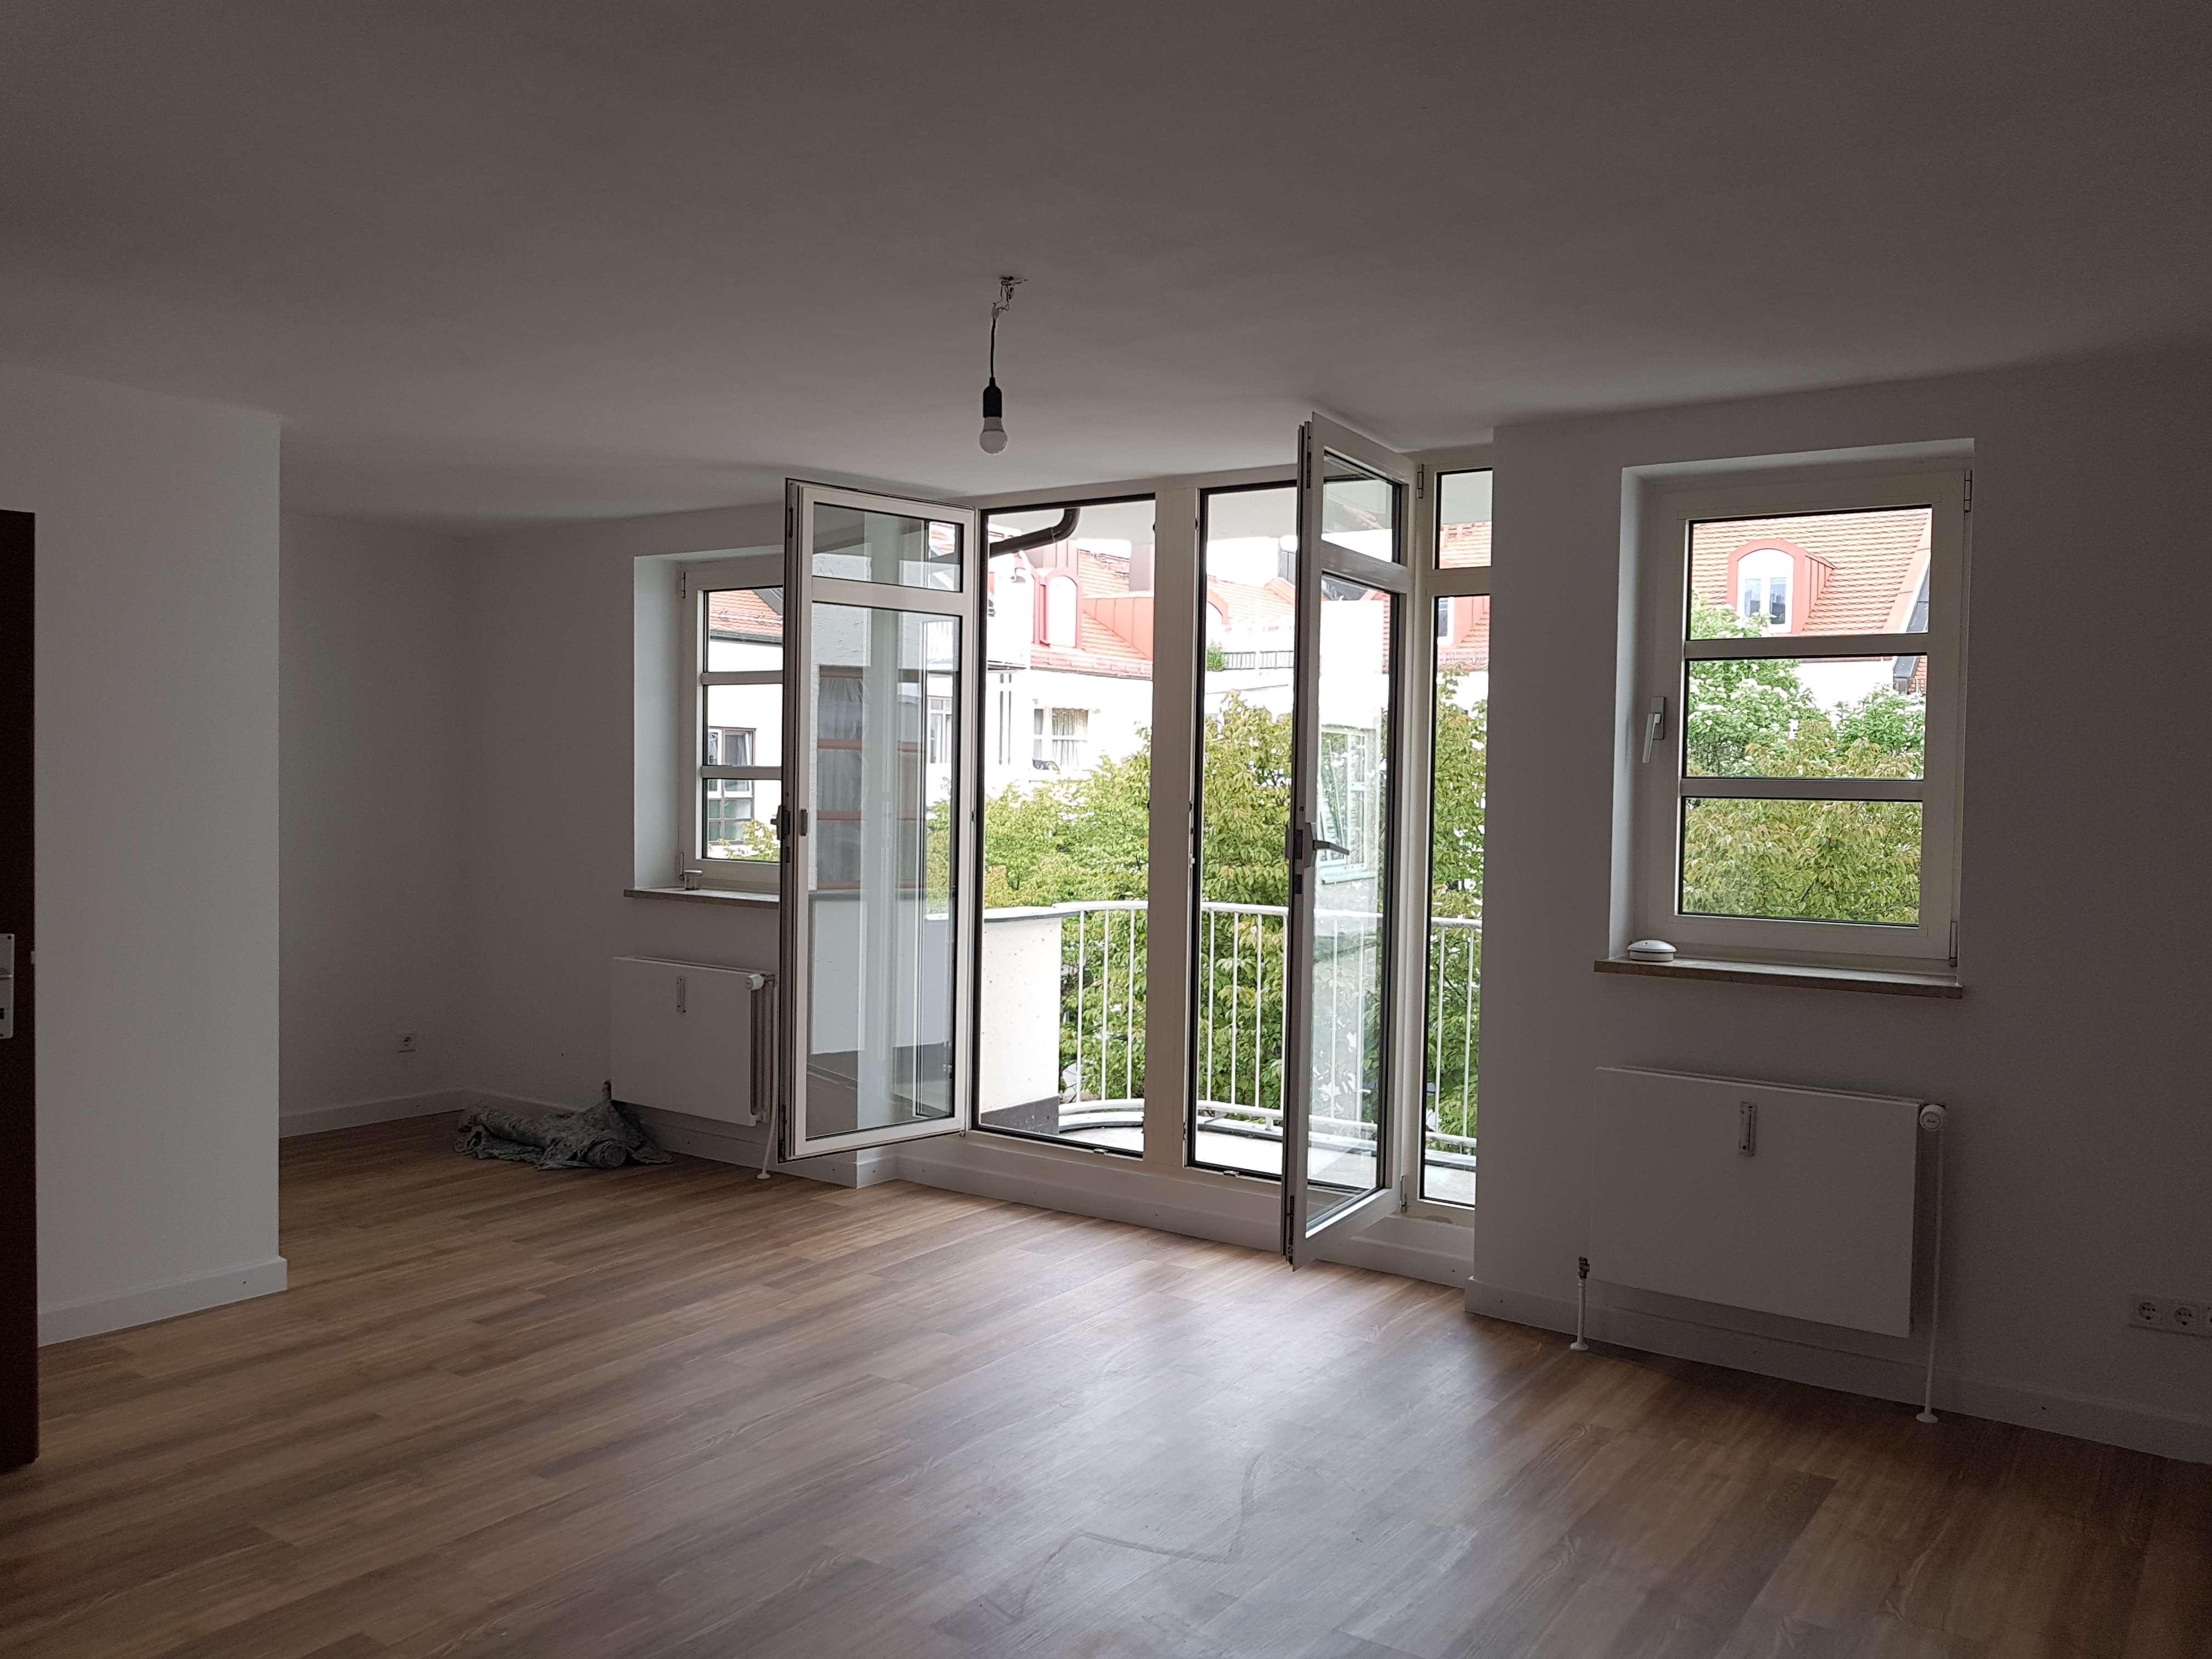 Stilvolle, modernisierte 1-Zimmer-Wohnung mit Balkon in München (Kreis)